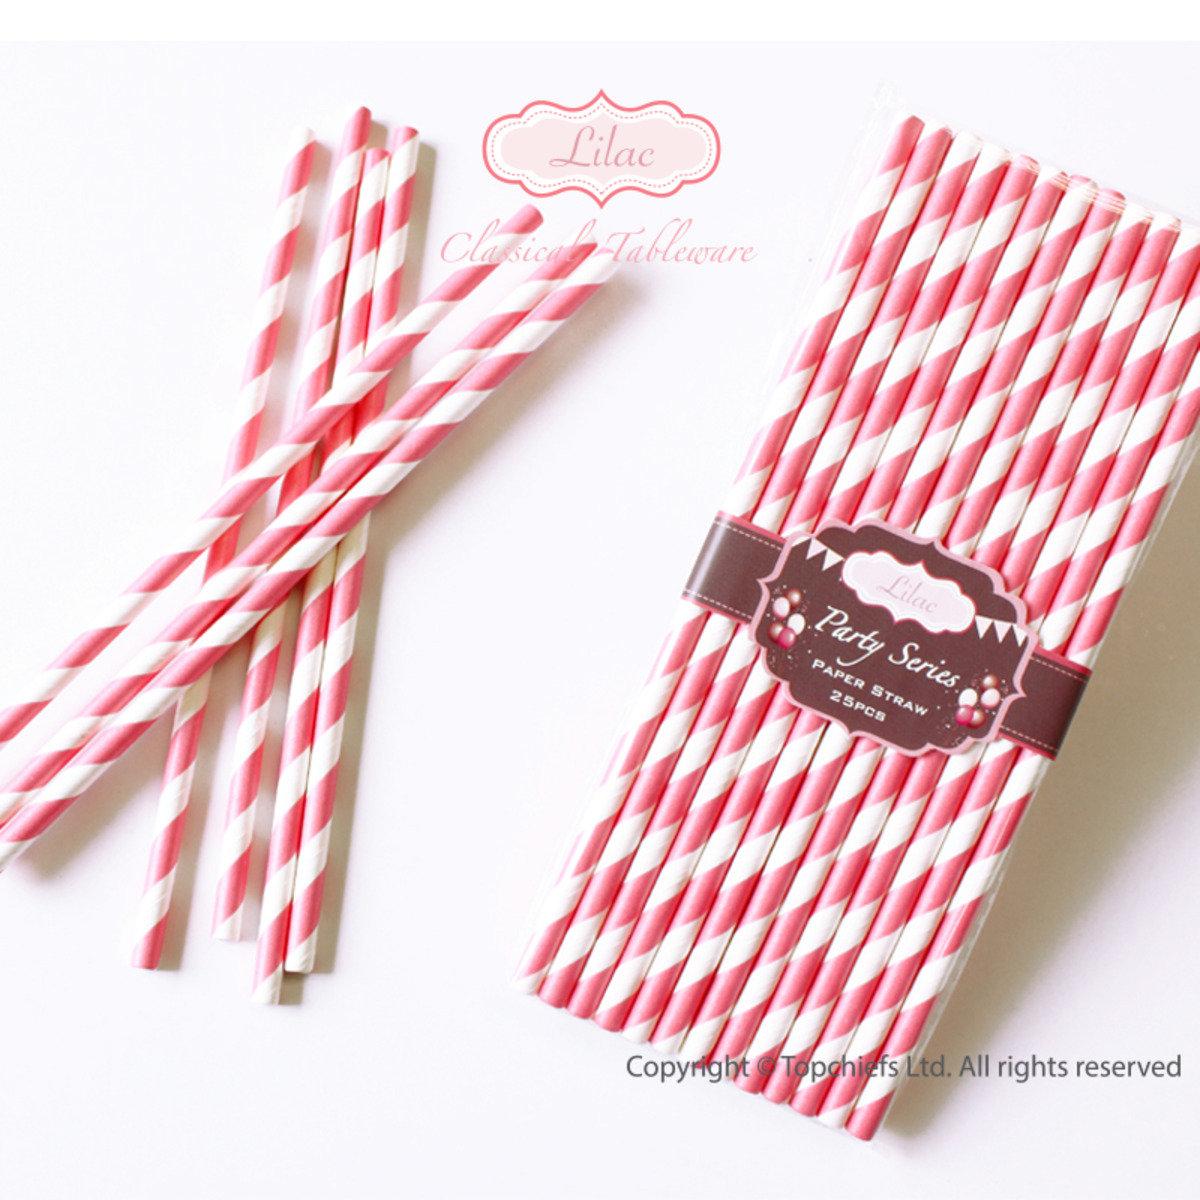 繽紛紙吸管 (粉紅色, 白色斜紋) 50pcs